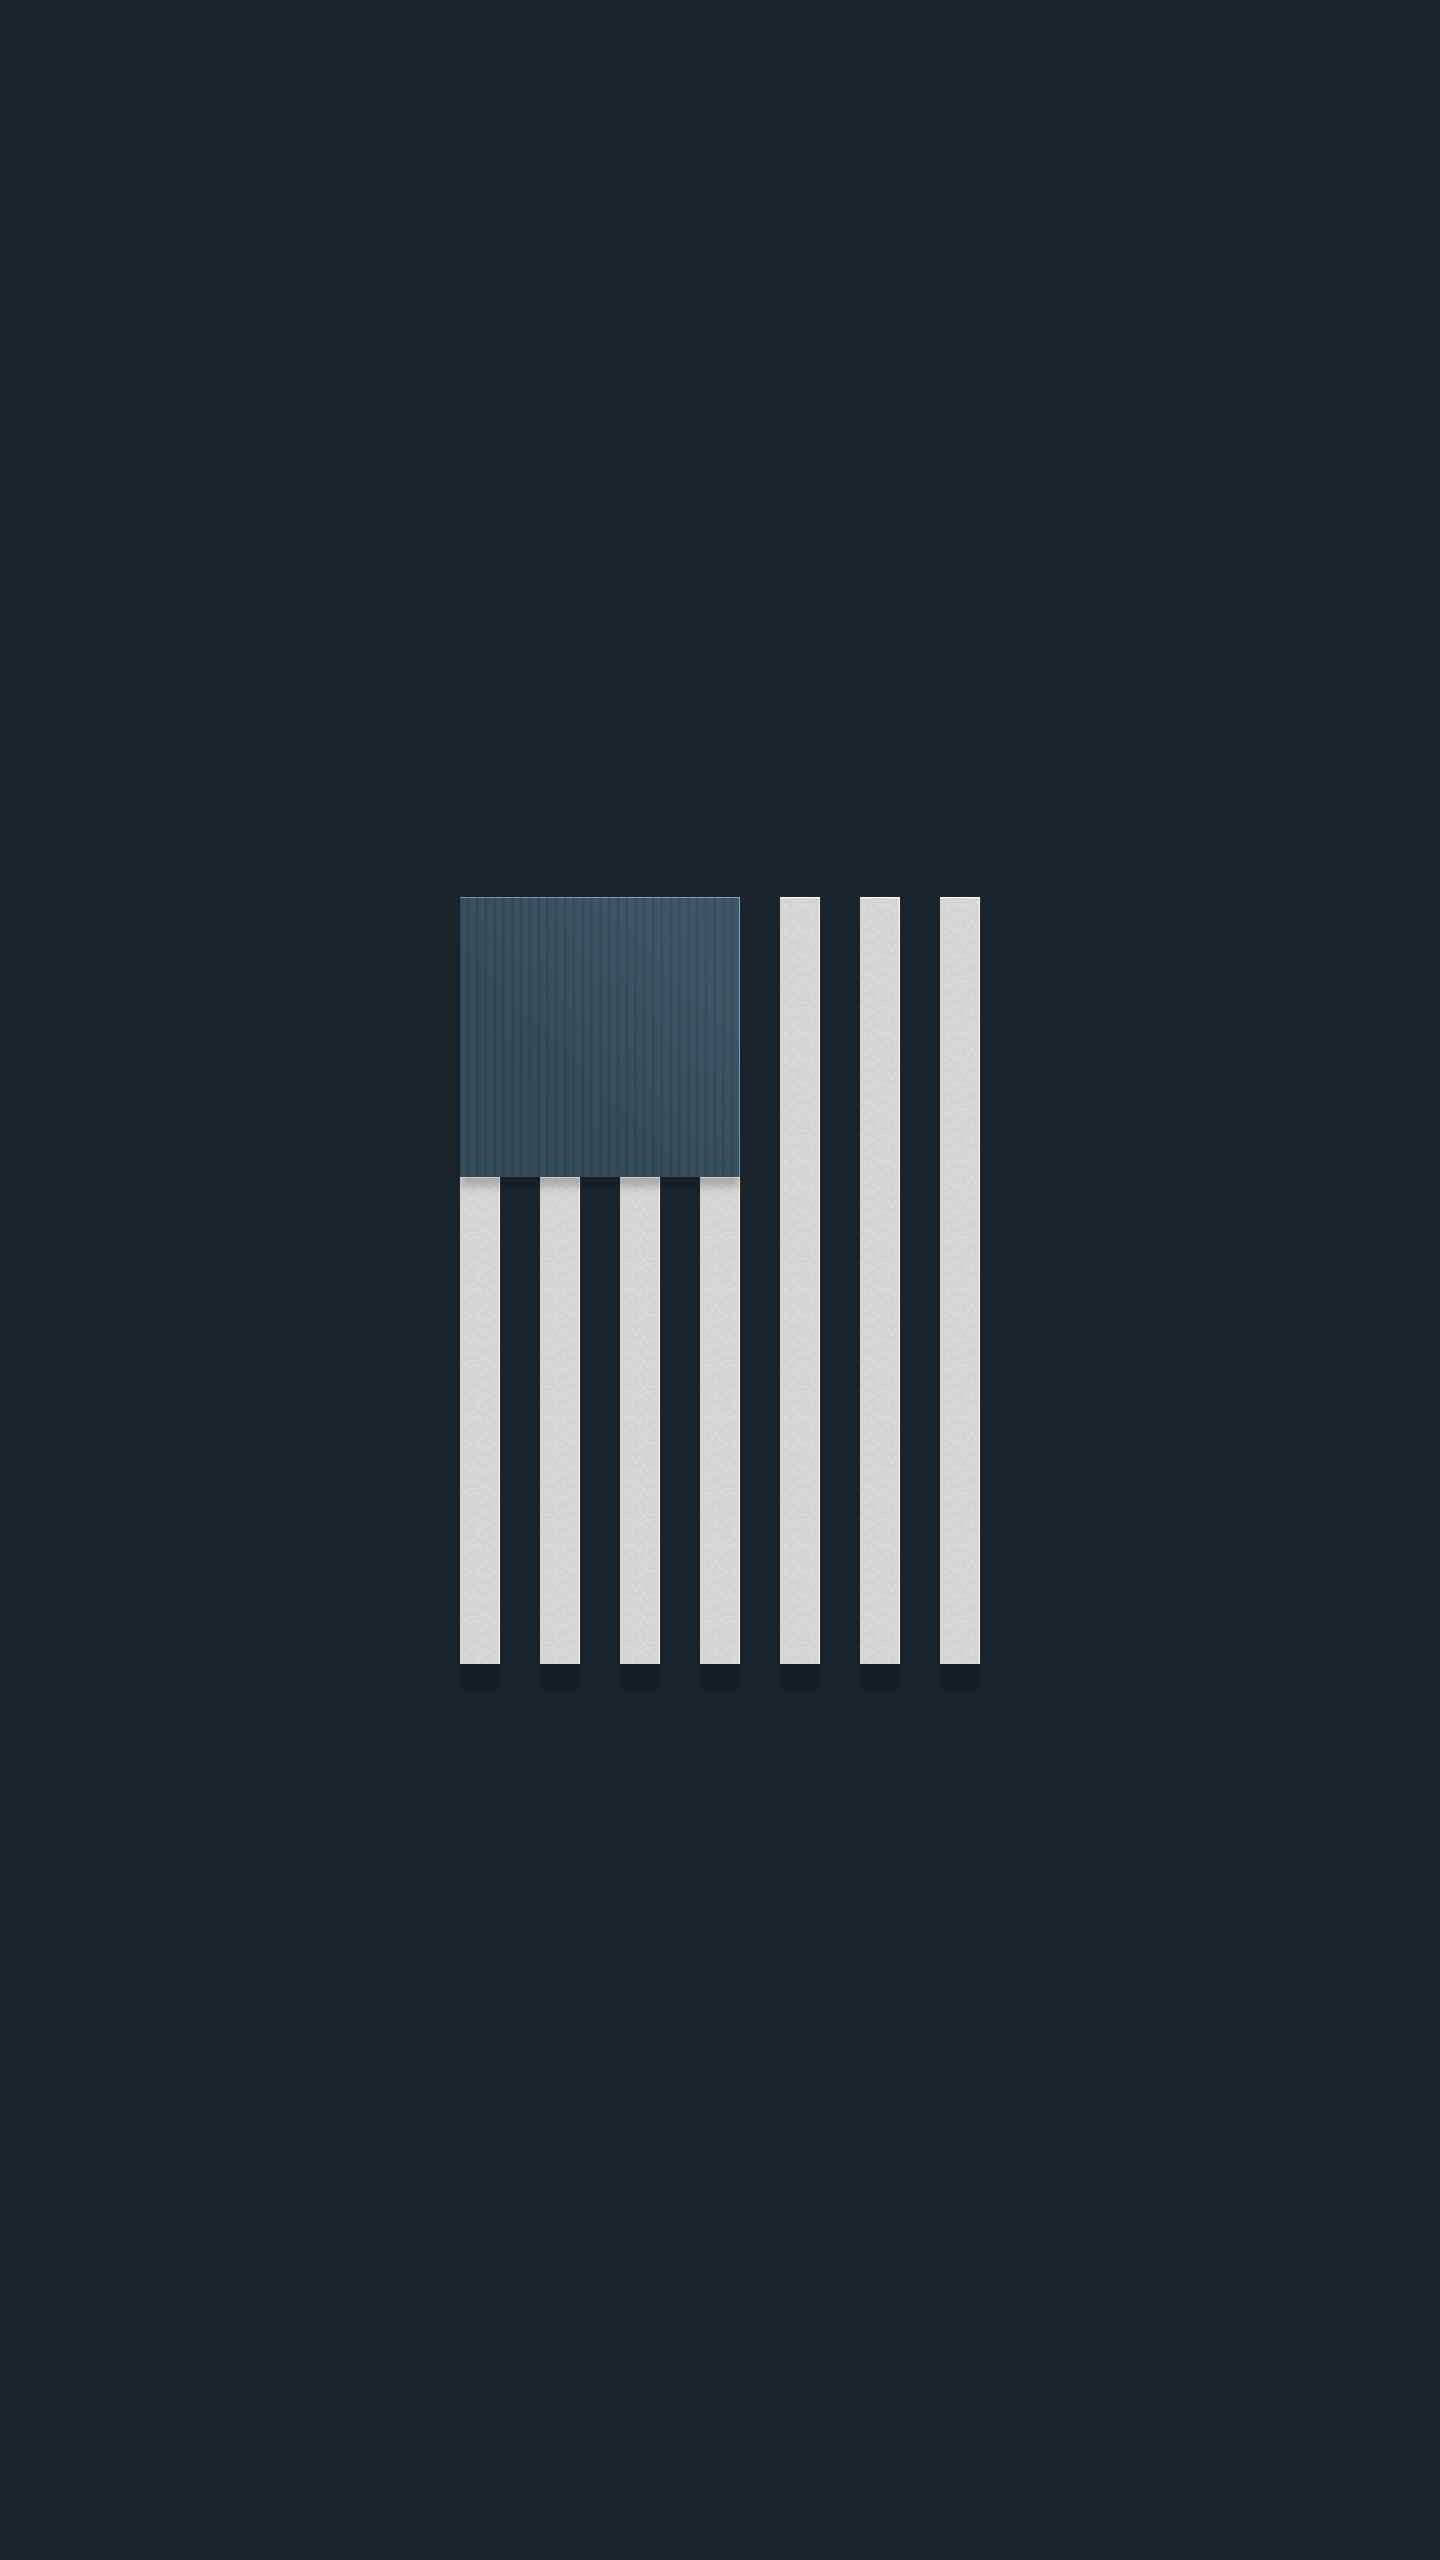 Dark American Flag iPhone Wallpaper